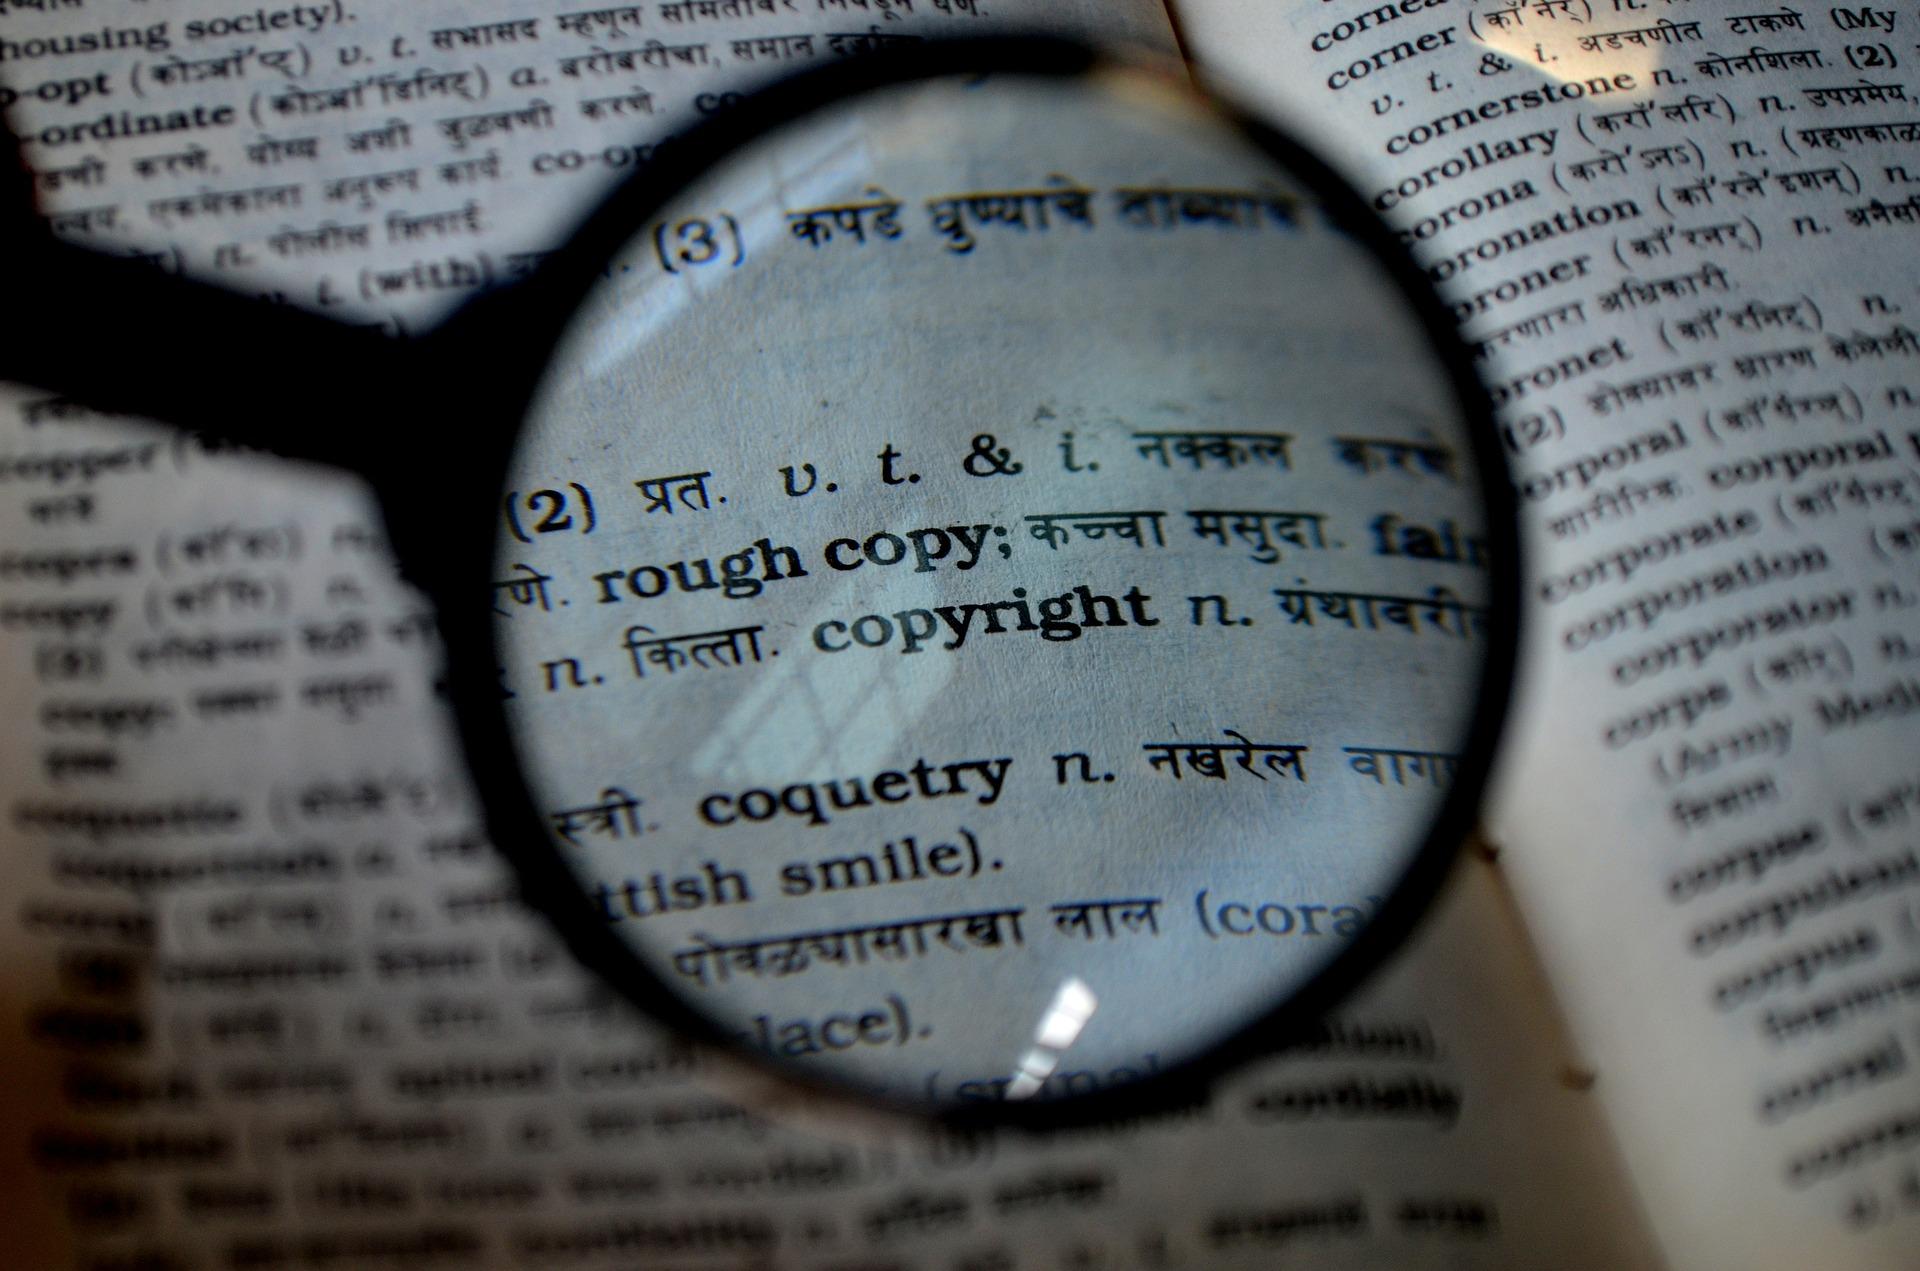 字型版權大解密!其實這次的爭議一點都不突然